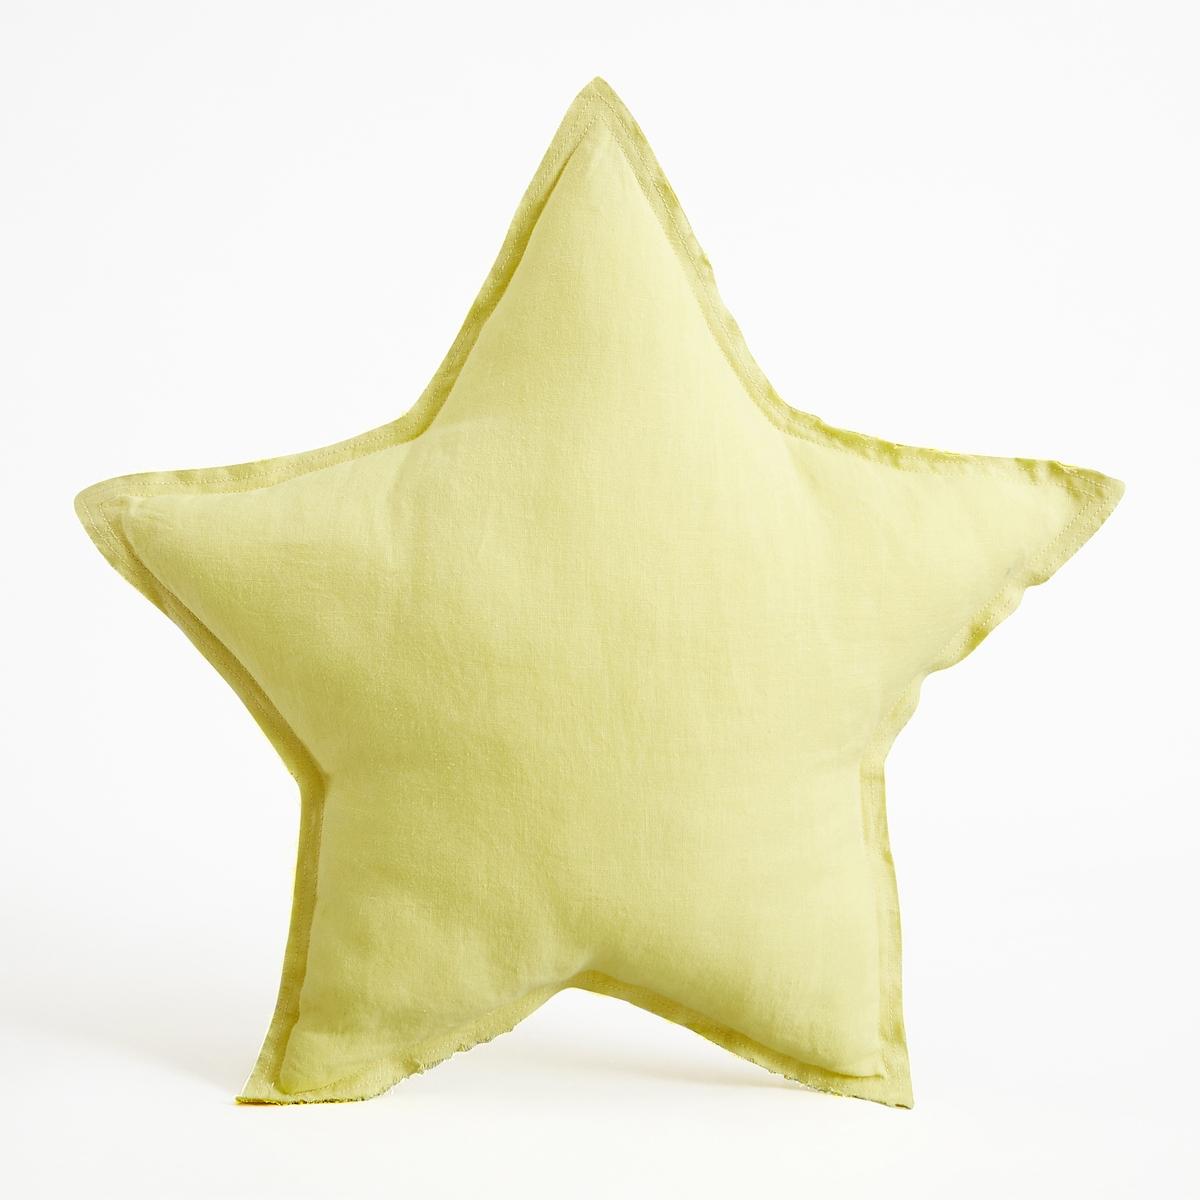 Подушка-звезда AchenzaПодушка Achenza. Подушка-звезда добавит нежности в интерьер спальни малыша. Из 100% двухцветного льна с необработанными краями. Наполнитель из мягких волокон полиэстера. Стирать при 40°C. Размеры : ?45 см.<br><br>Цвет: желтый лимонный